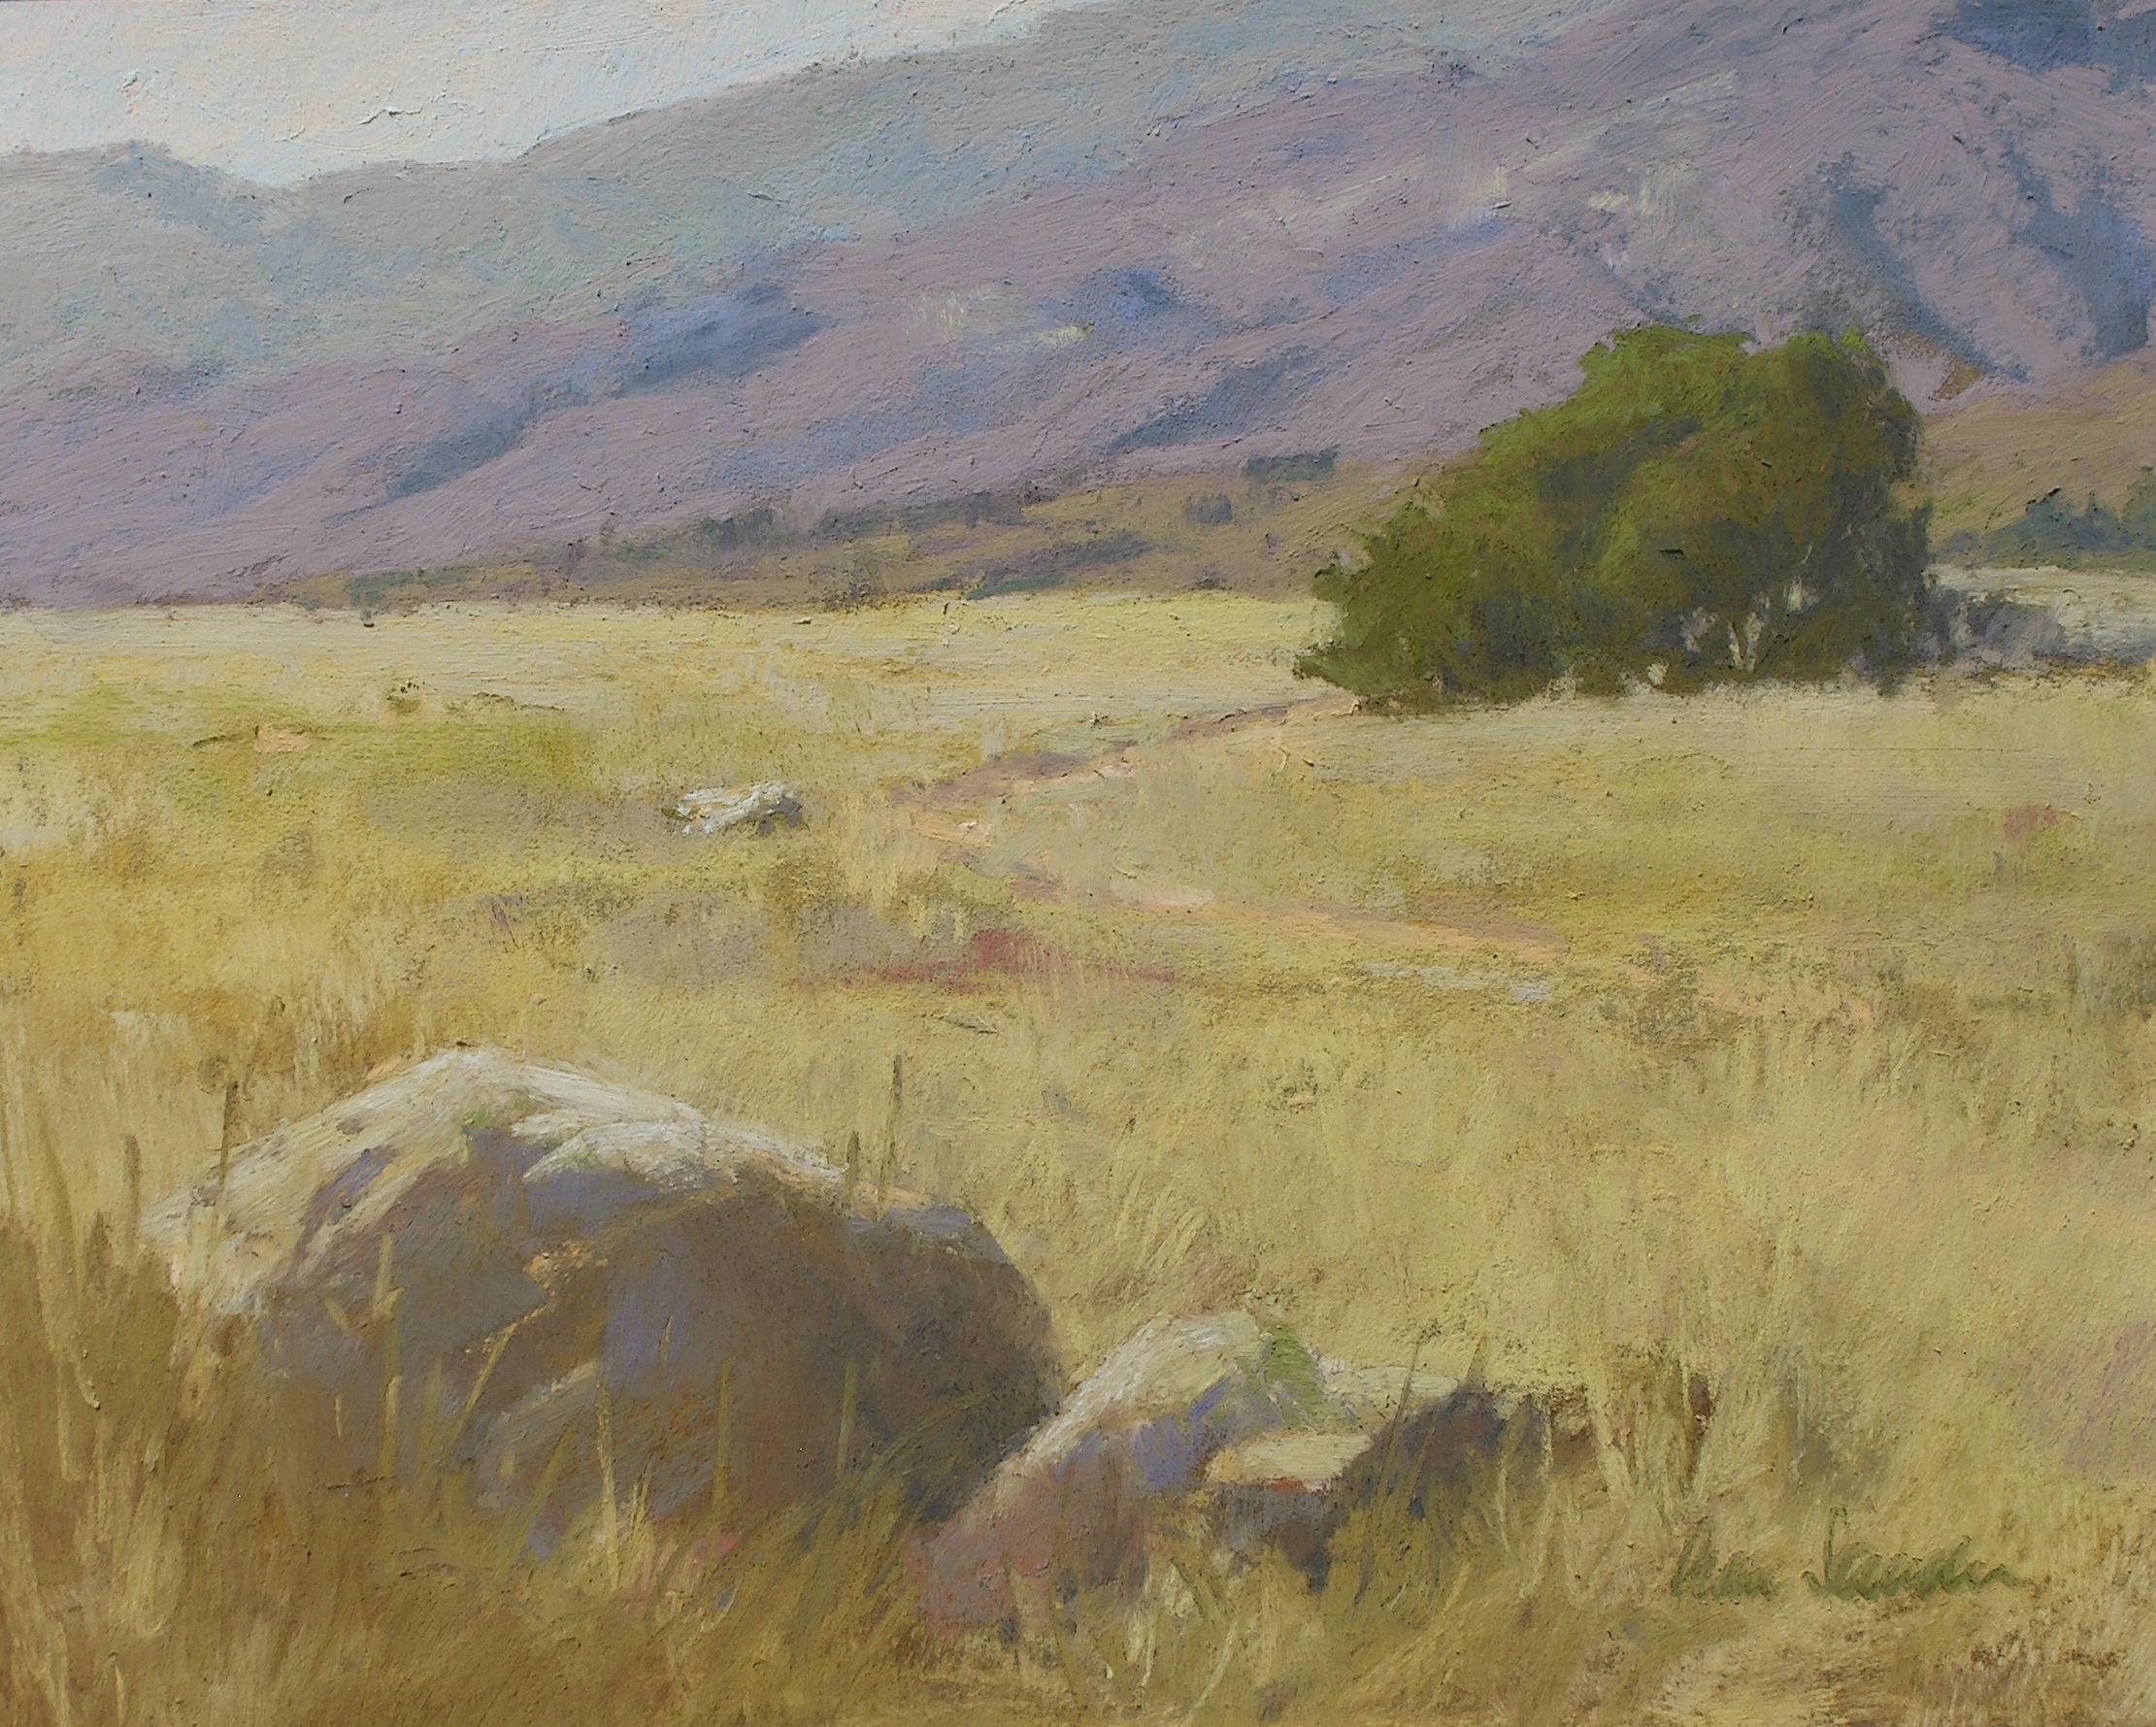 San Marcos Foothills, pastel, Ann Sanders